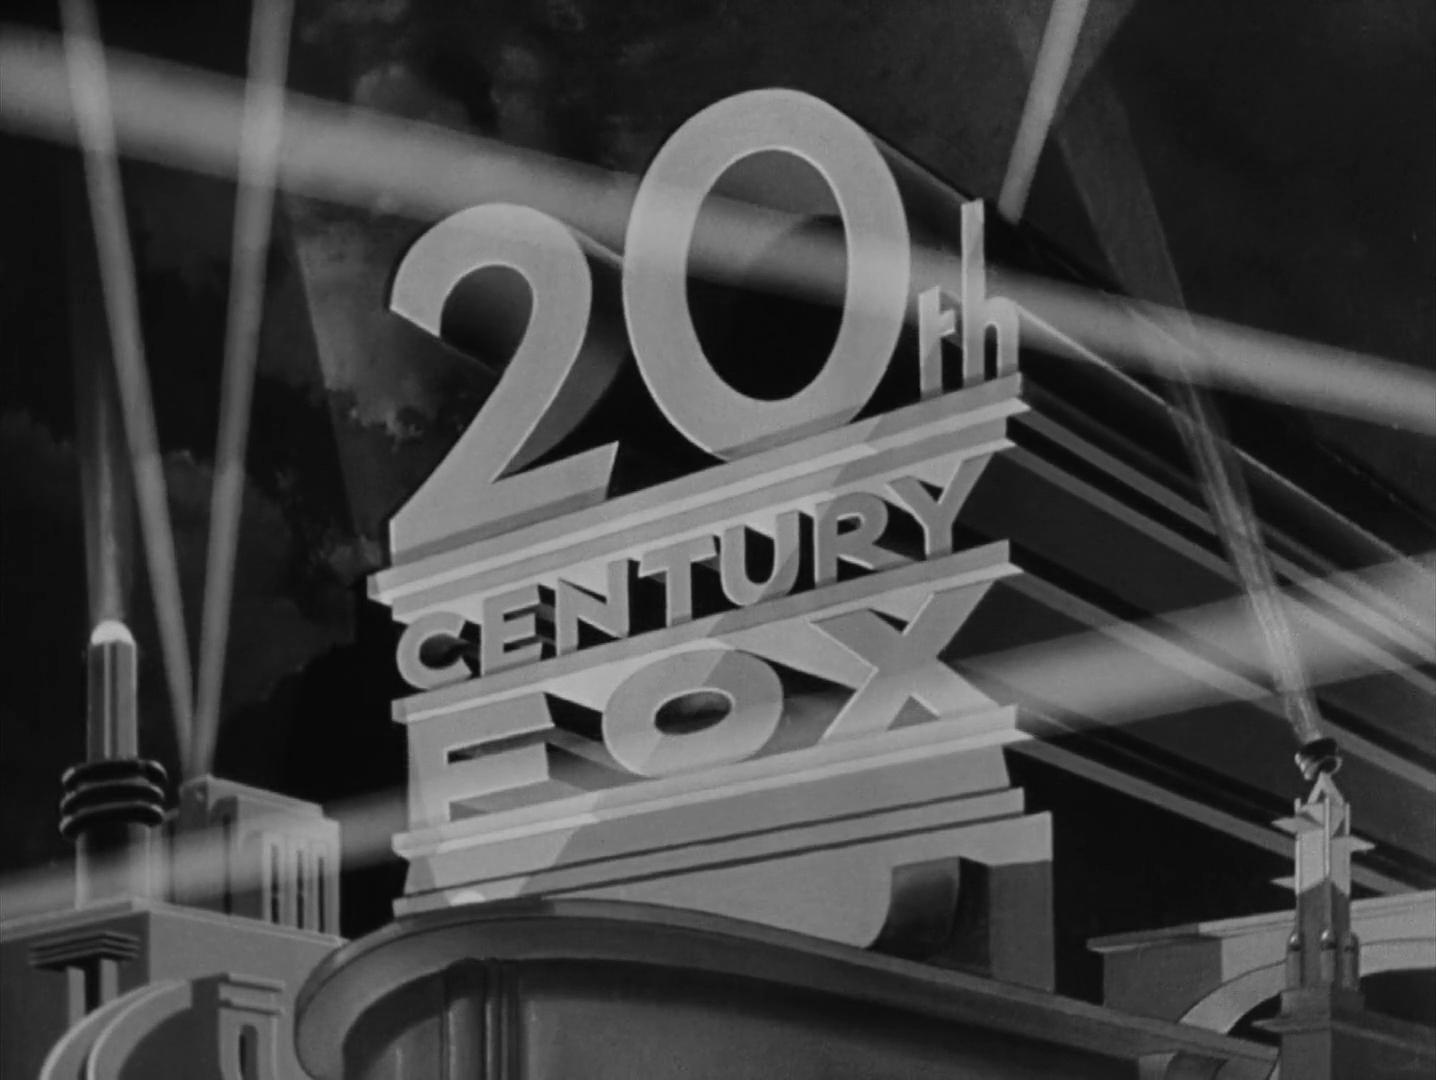 Logo de la firme 20th Century Fox dans le générique du film Laura (1944) d'Otto Preminger